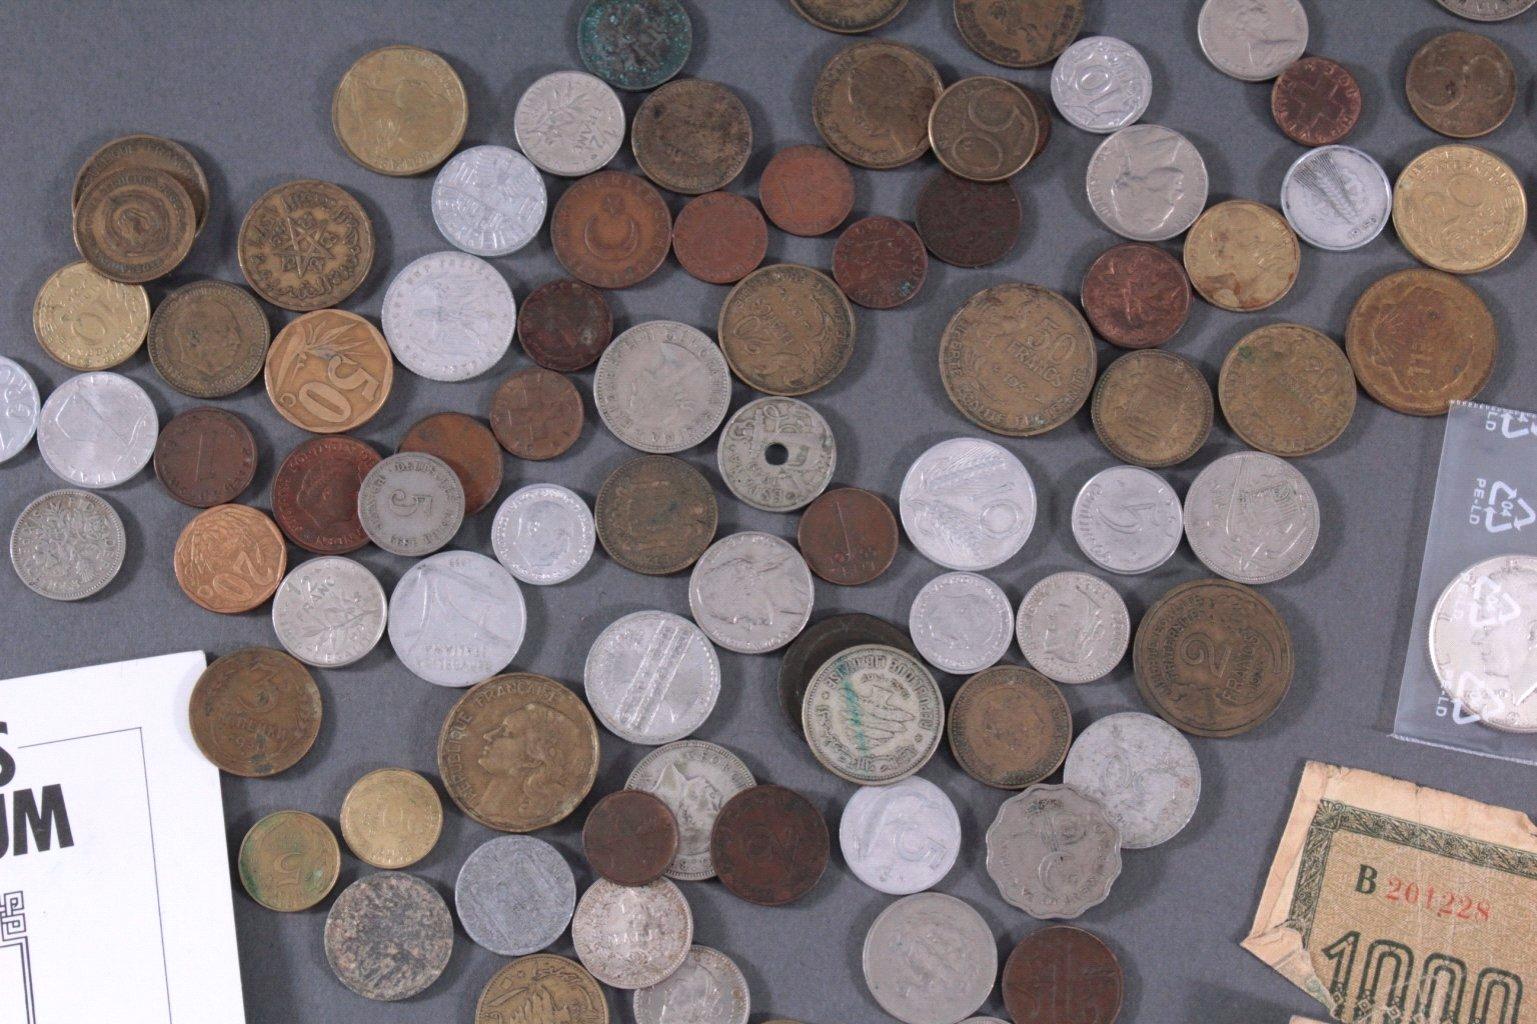 Konvolut Münzen Alle Welt mit 20 Mark Goldmünze von 1873-1